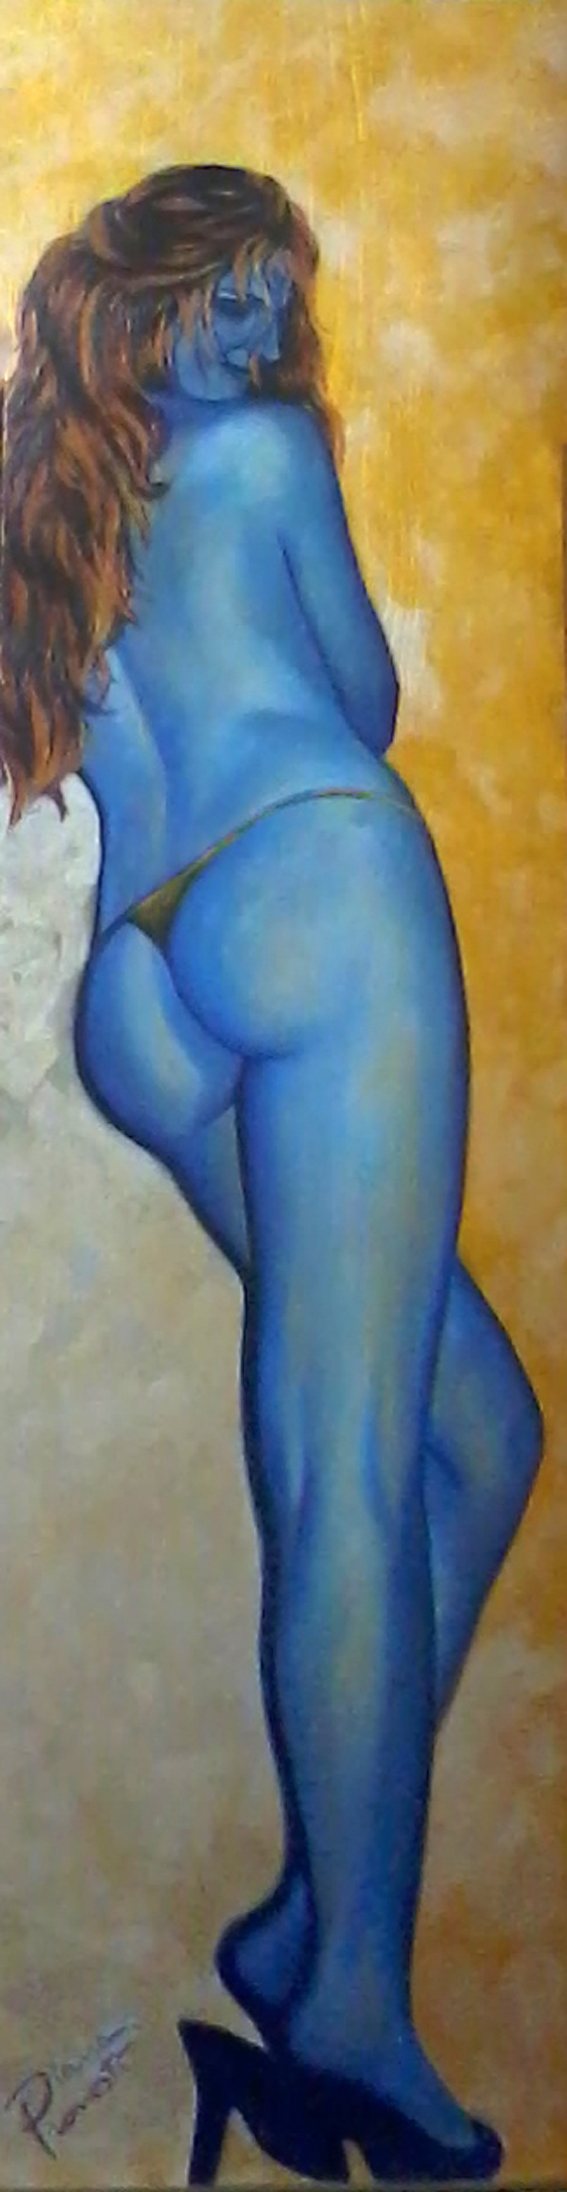 nudo-di-donna-2